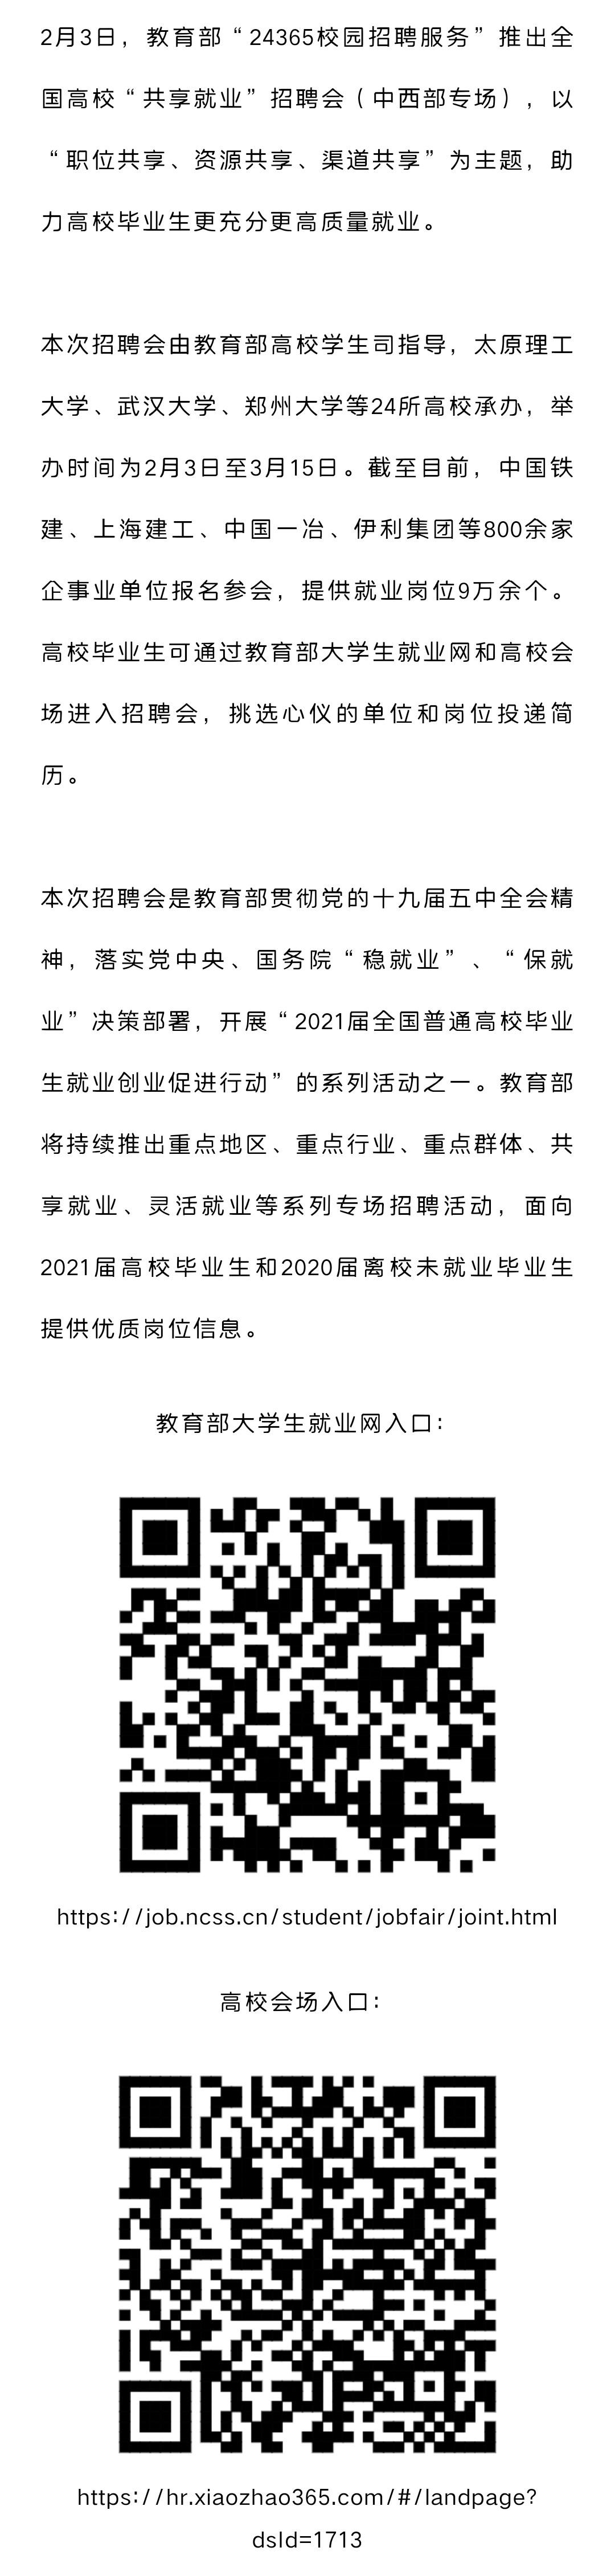 微信图片_20210204122604.jpg